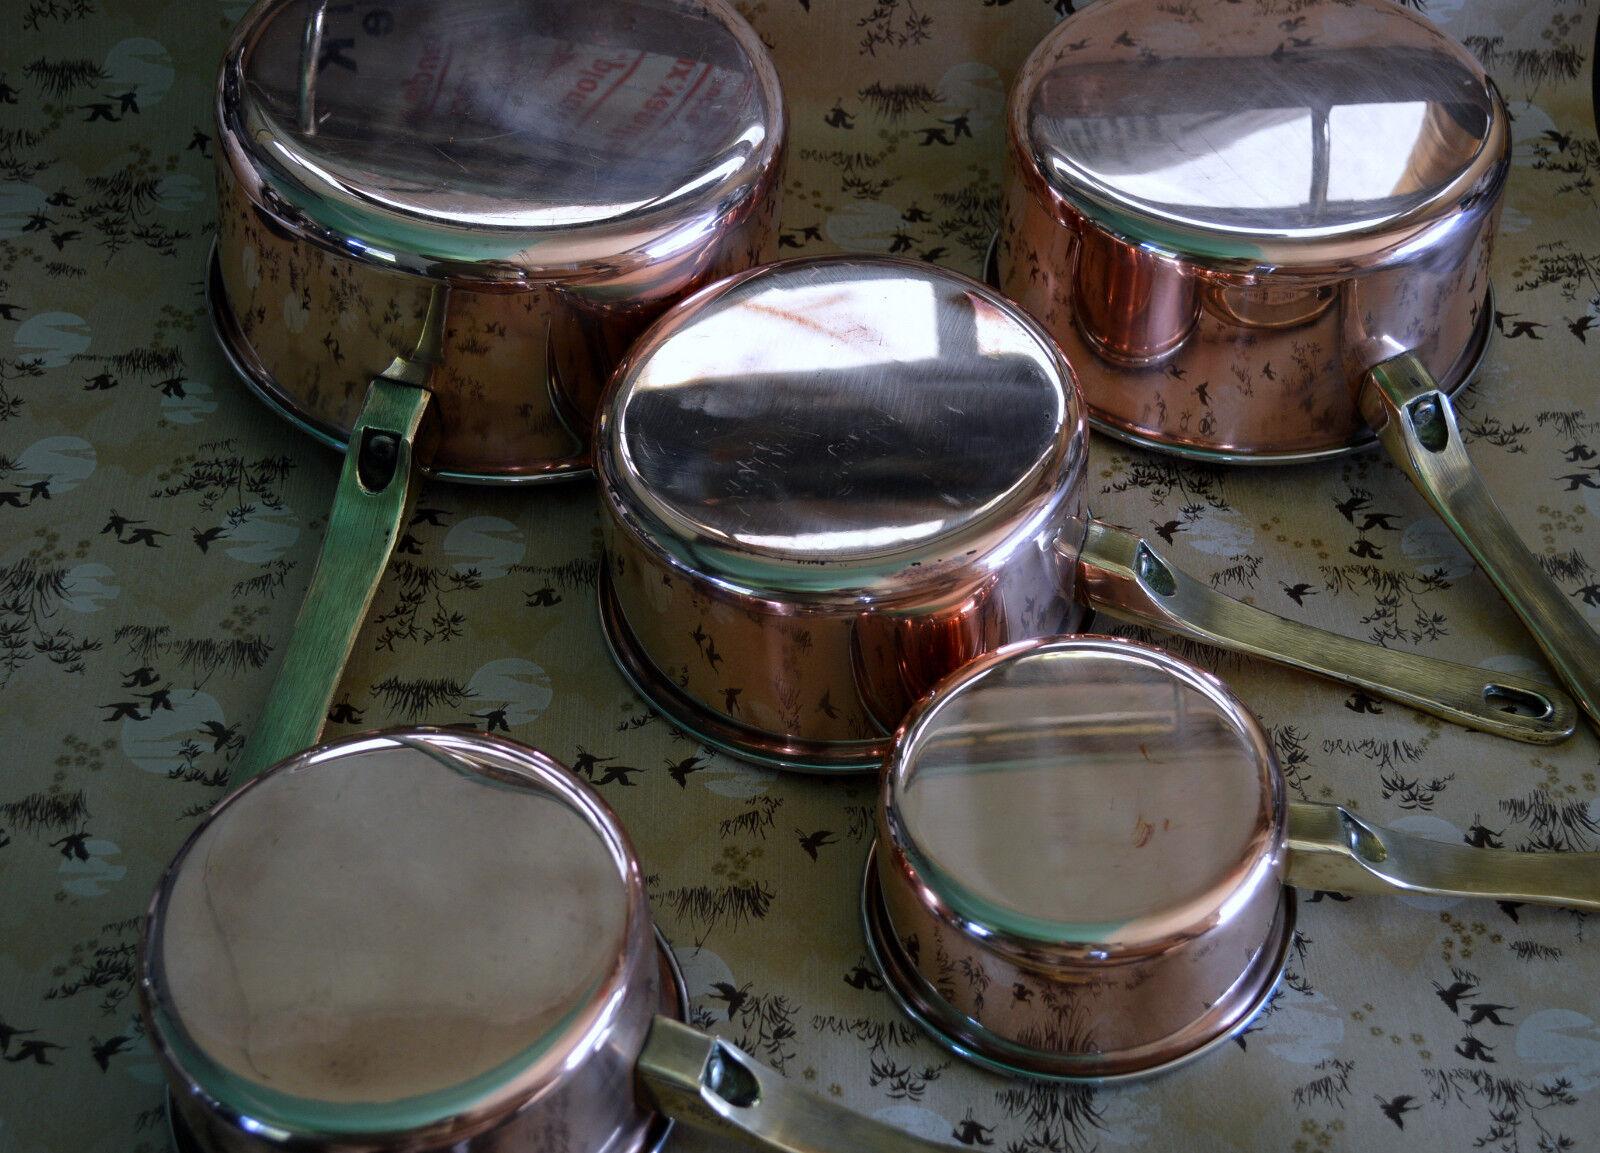 French copper pots pans cuisine professional casseroles en cuivre